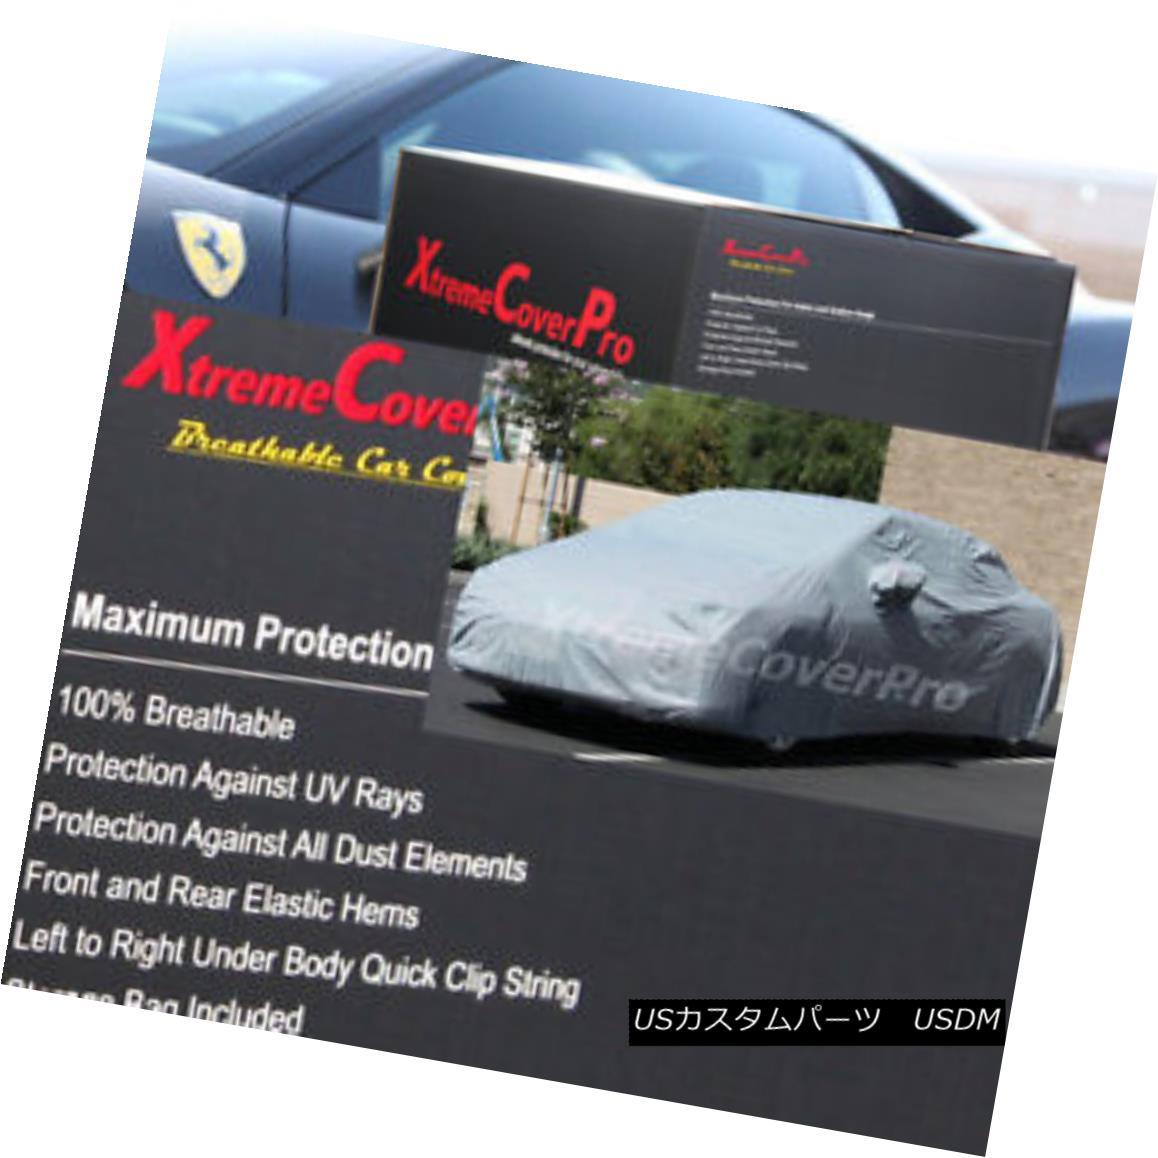 カーカバー 2000 2001 2002 2003 2004 Jaguar S-TYPE Breathable Car Cover w/MirrorPocket 2000 2001 2002 2003 2004 Jaguar S-TYPE通気性車カバー付きMirrorPocket